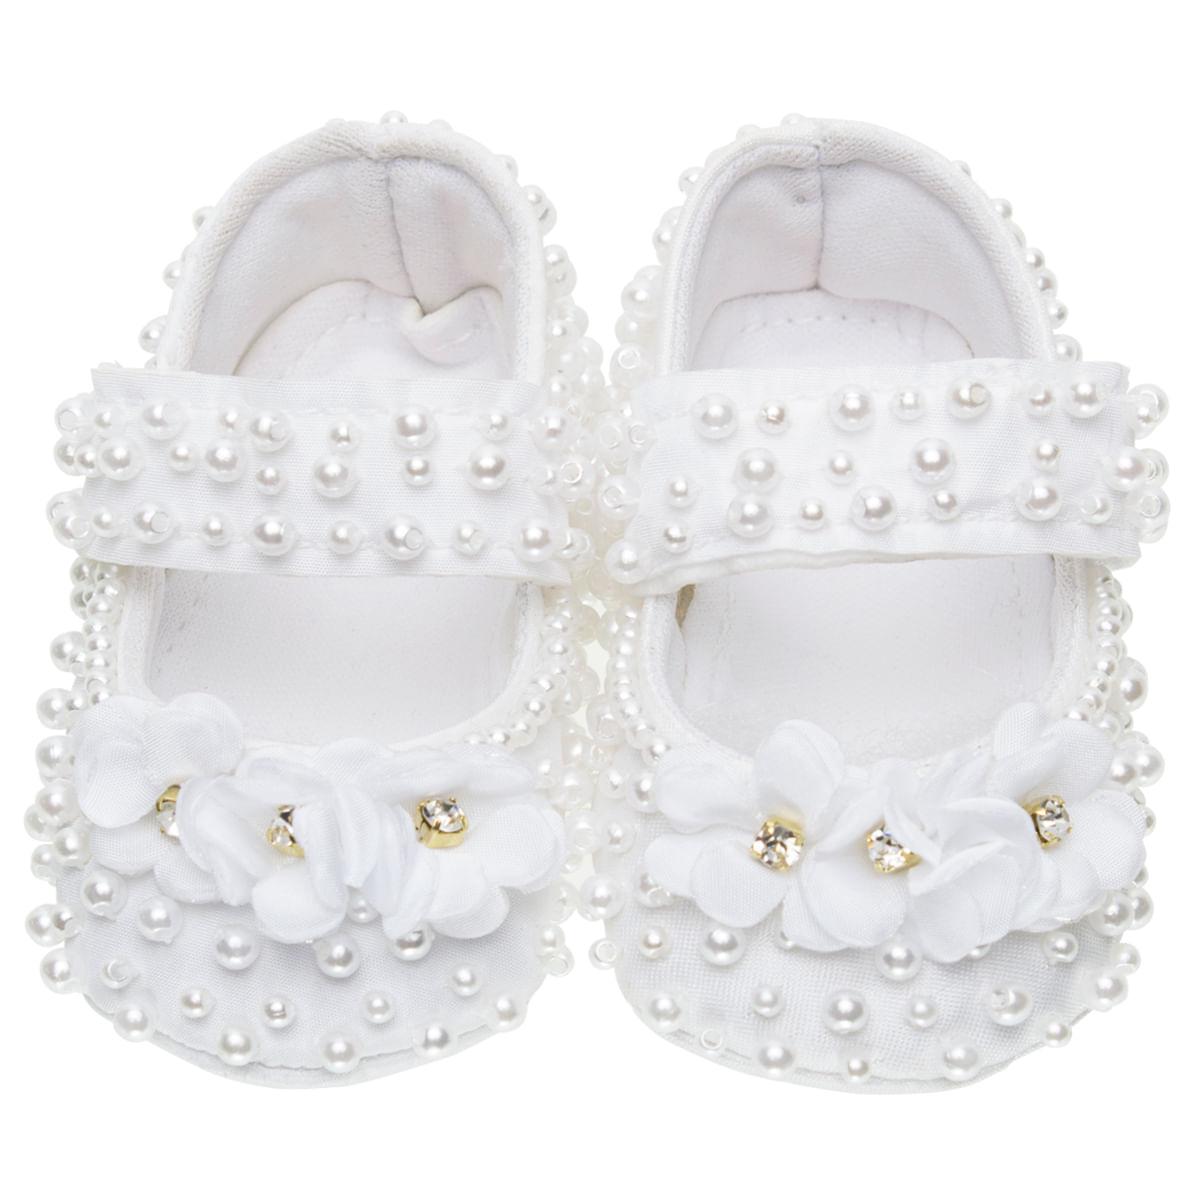 c20e984a4 Sapatilha para bebe em cetim Pérolas & Flor Branca - Roana - bebefacil